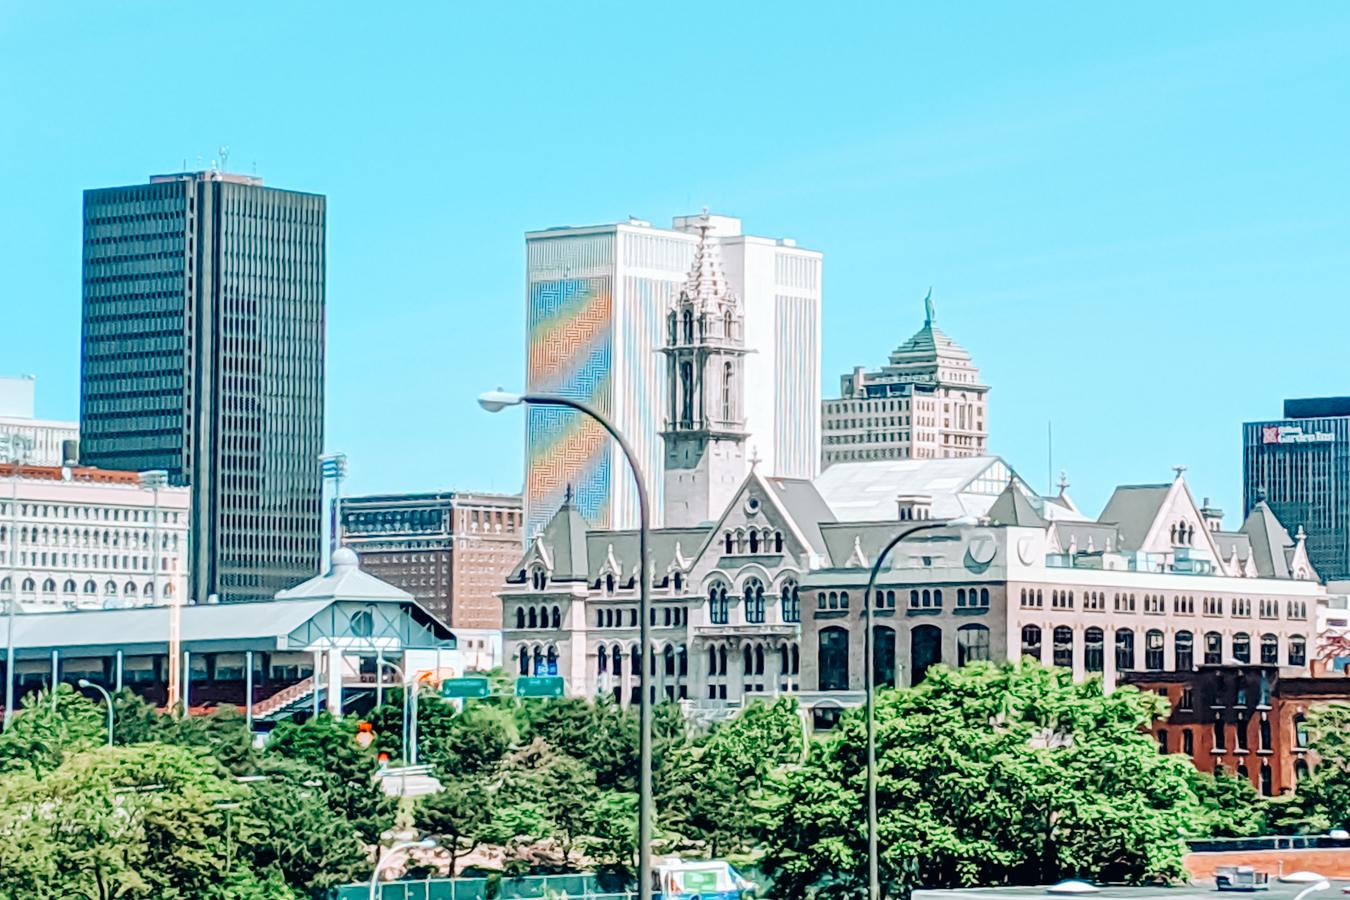 Buildings in Buffalo